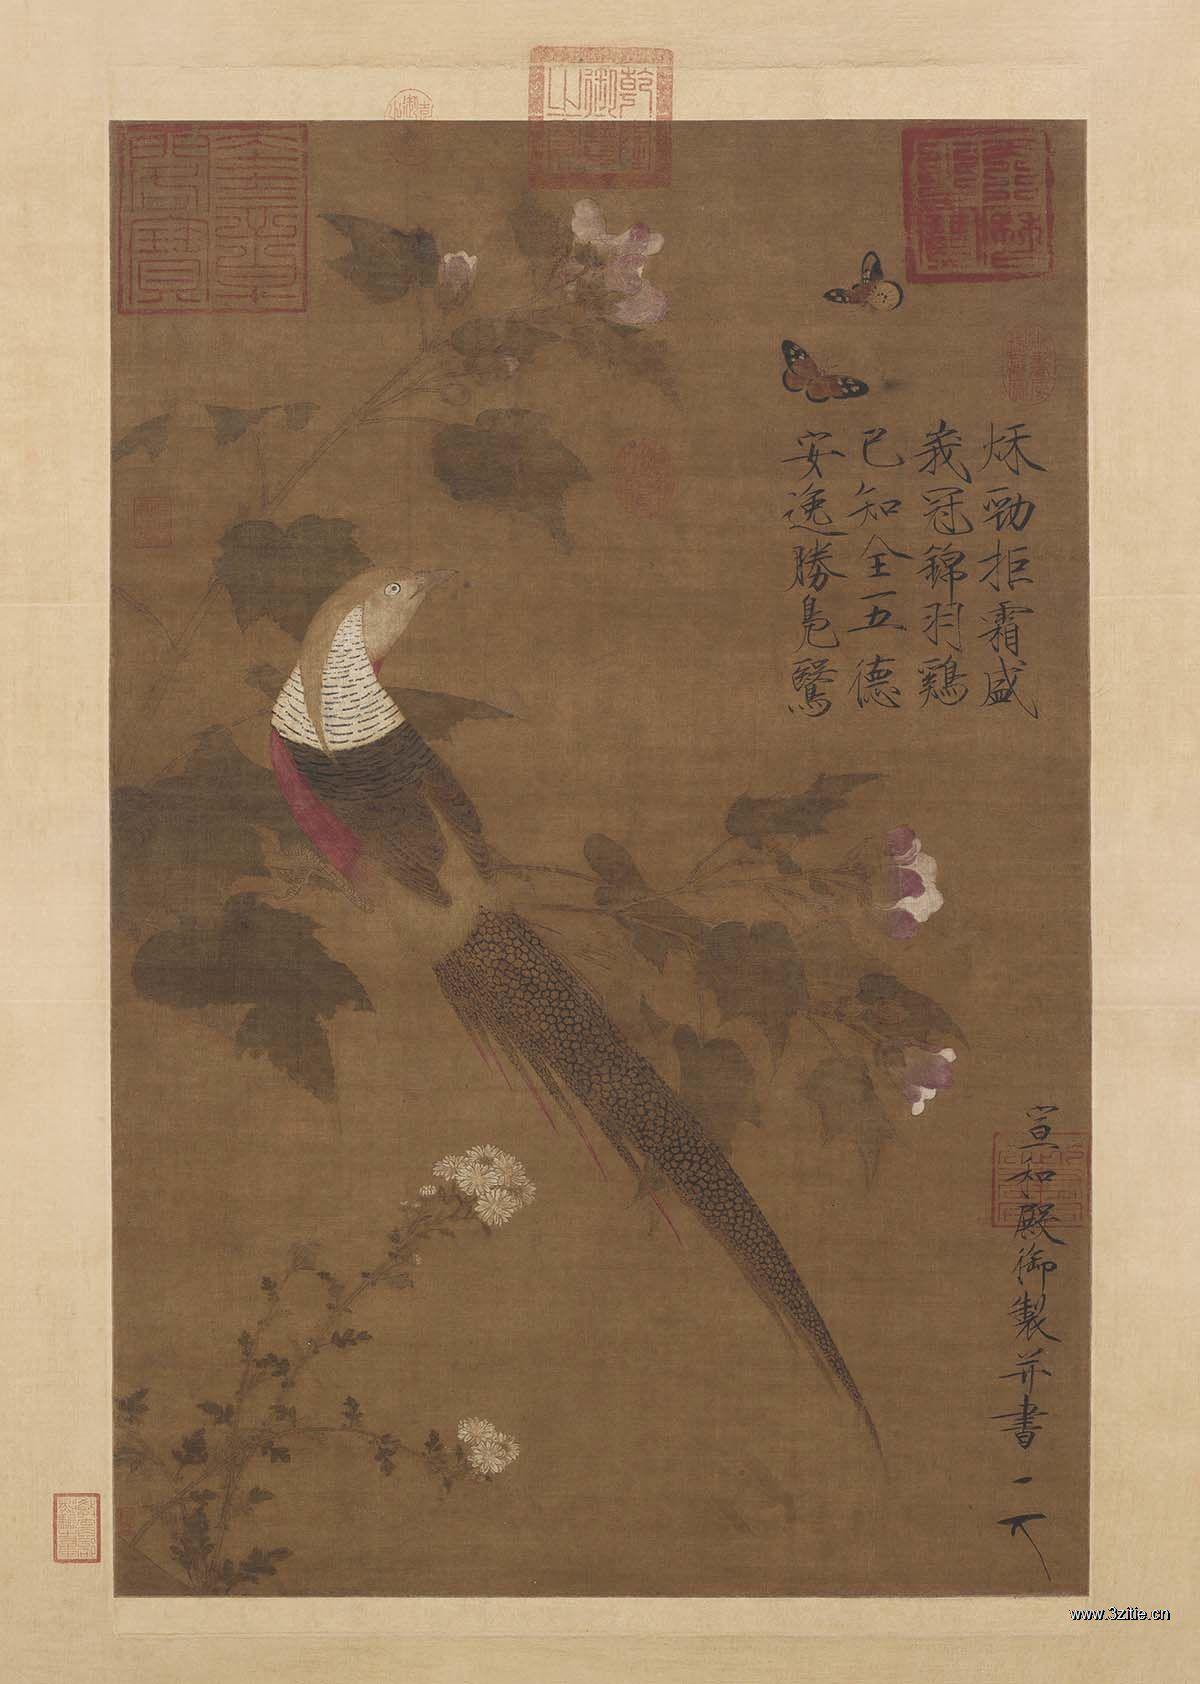 宋徽宗赵佶 芙蓉锦鸡图绢本81.5x53.6